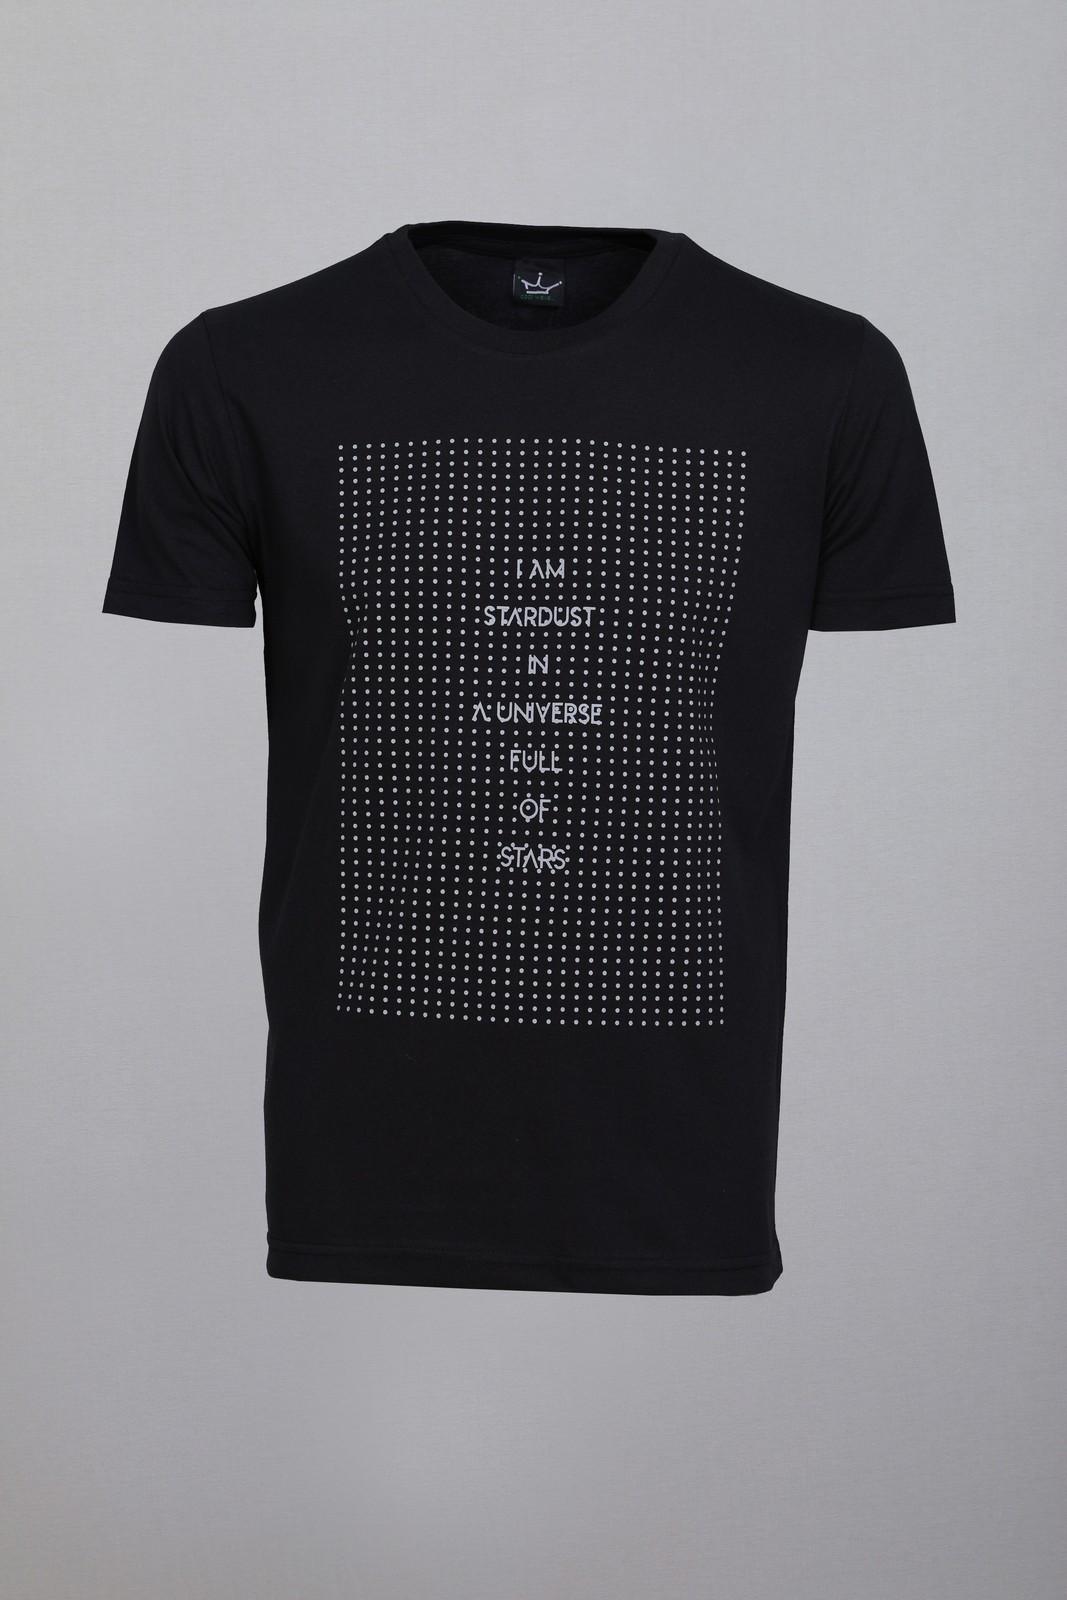 Camiseta CoolWave Stardust